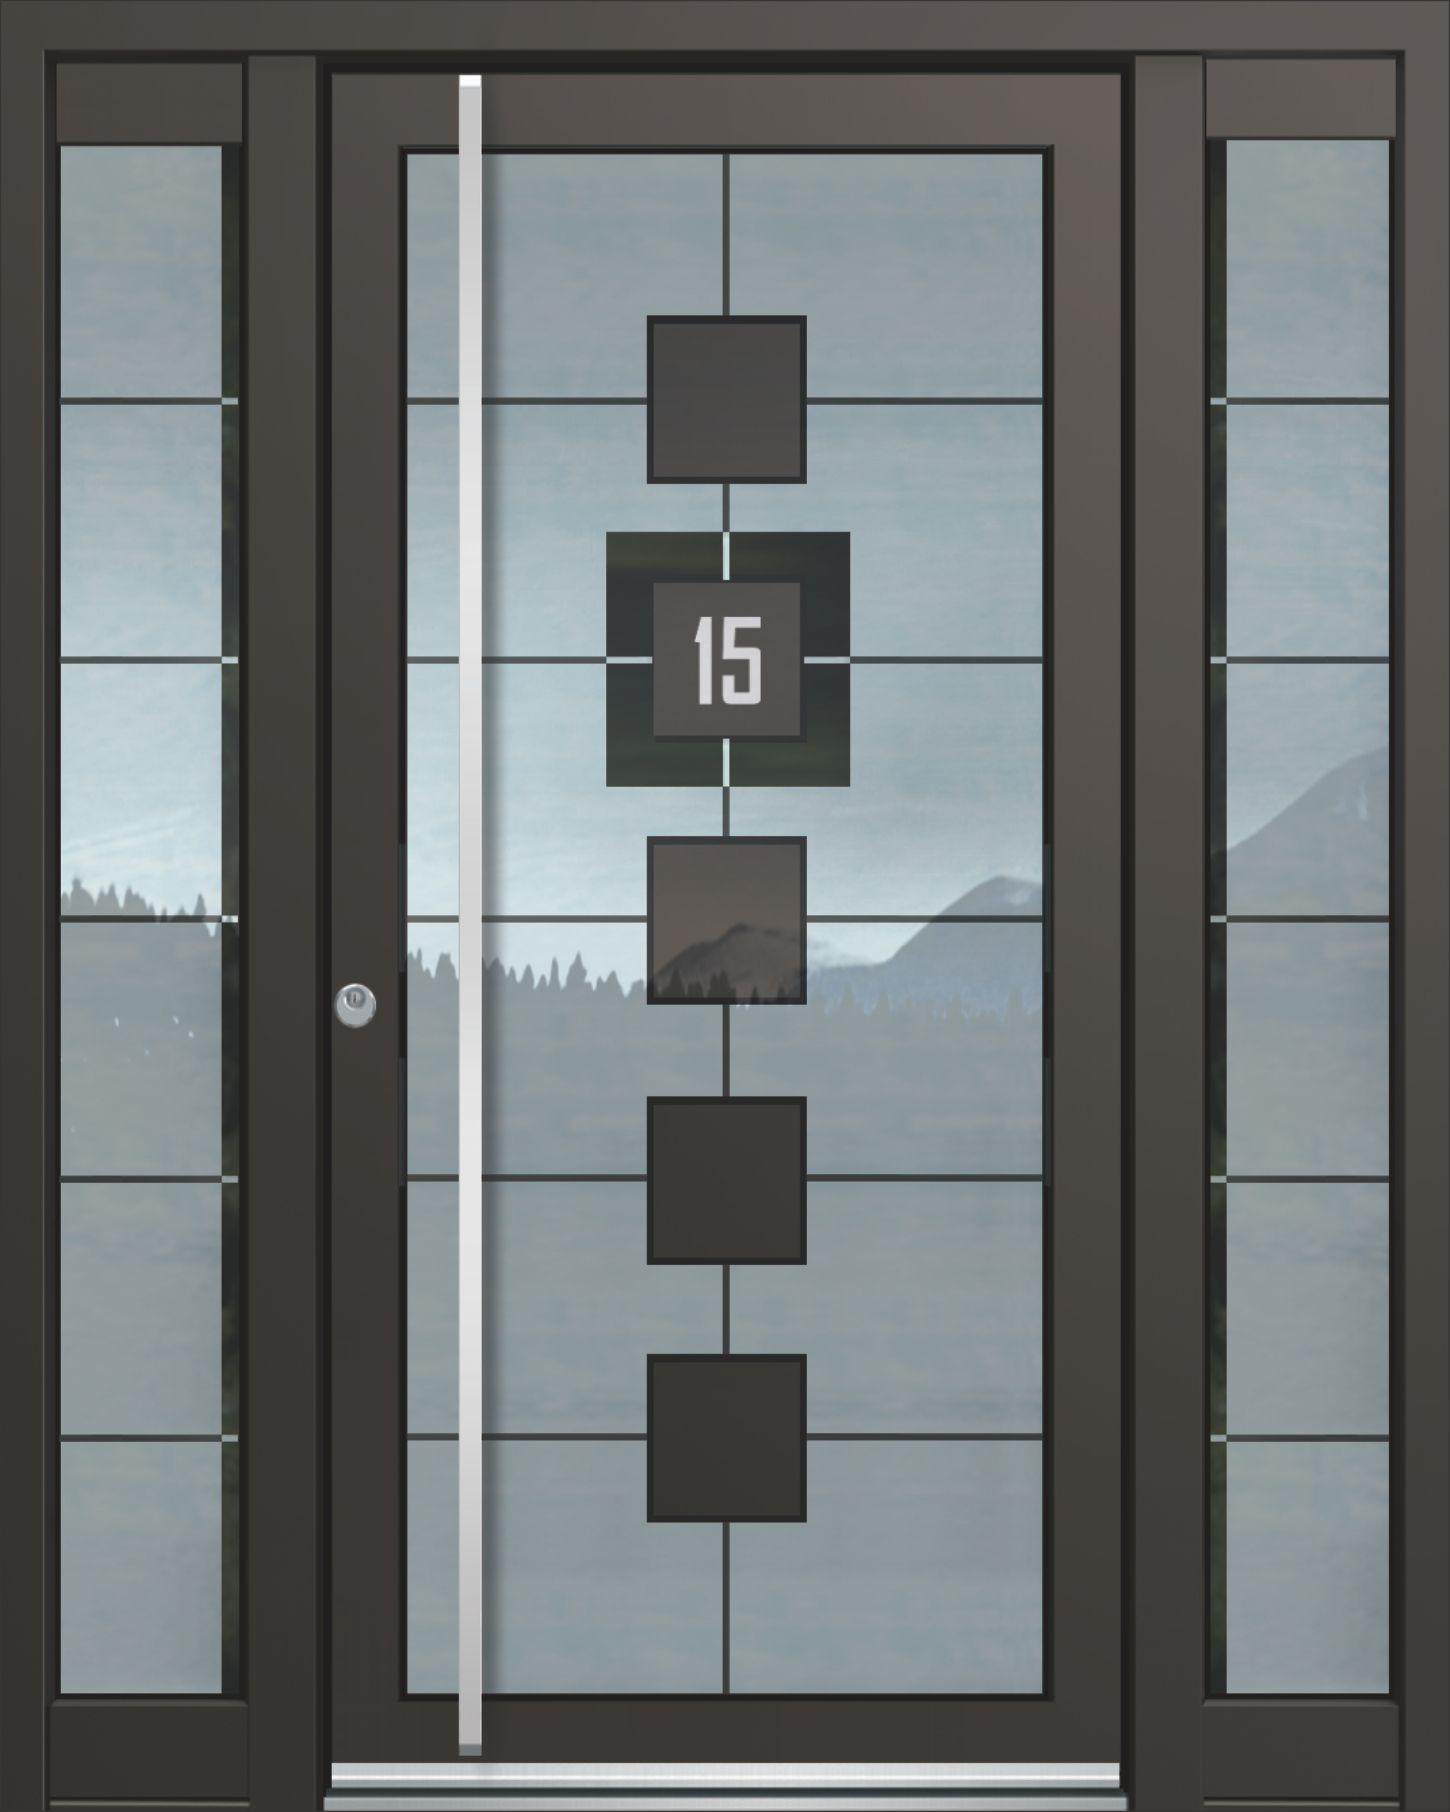 Inotherm Haustür Modell ASS 1841 Tür Mit Viel Glas Preis Auf Anfrage Bei  Www.1001